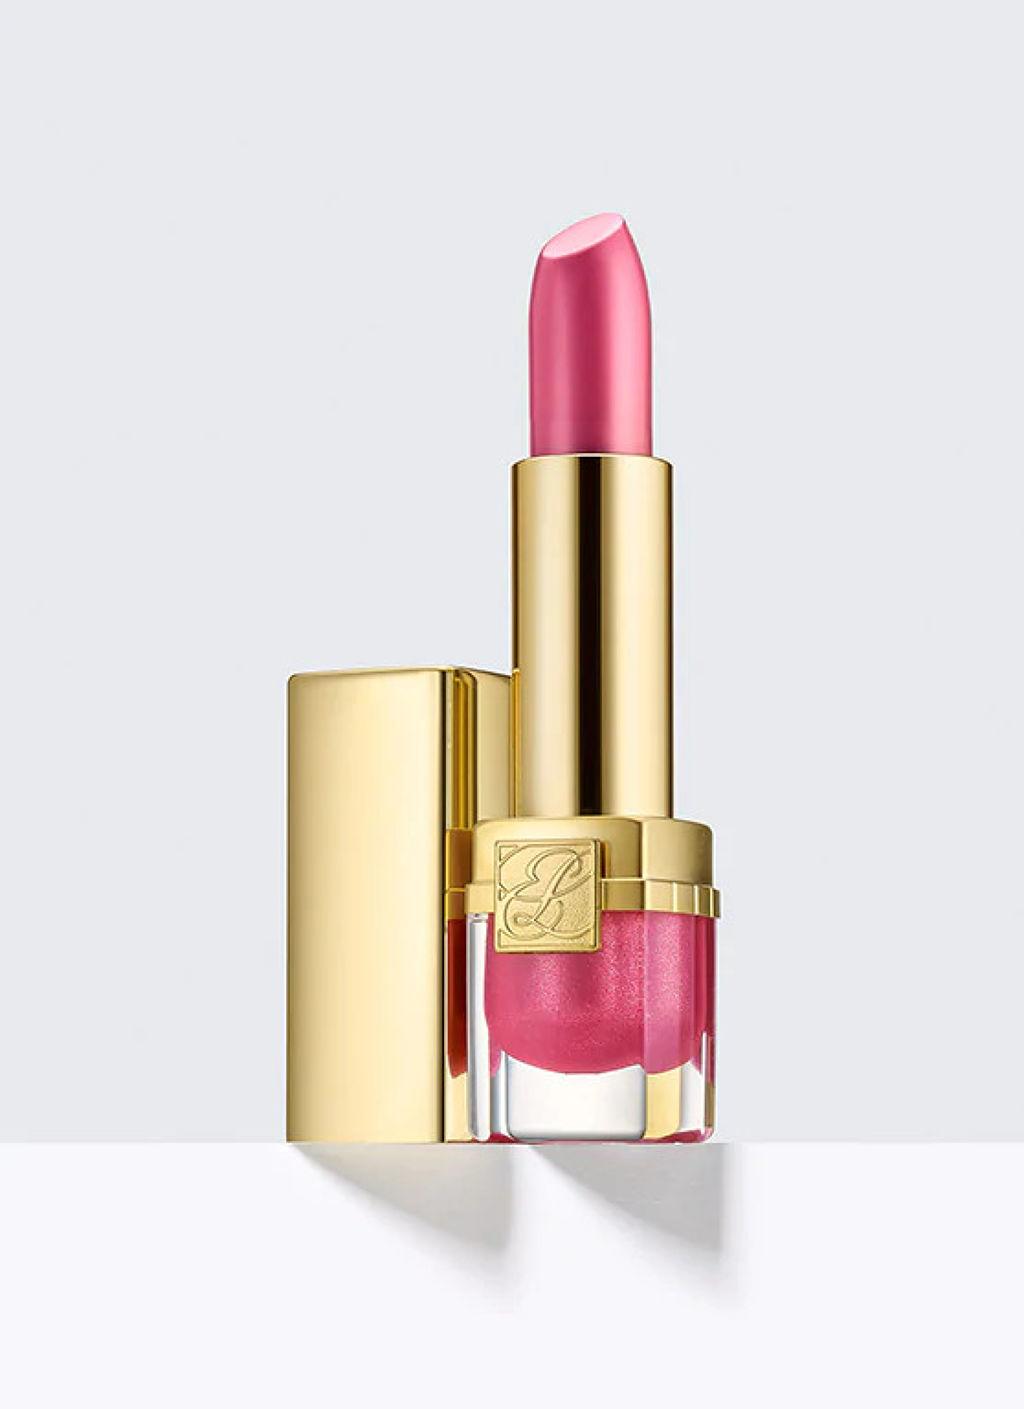 ピュア カラー クリスタル シアー リップスティック 03 クリスタル ピンク クリーム